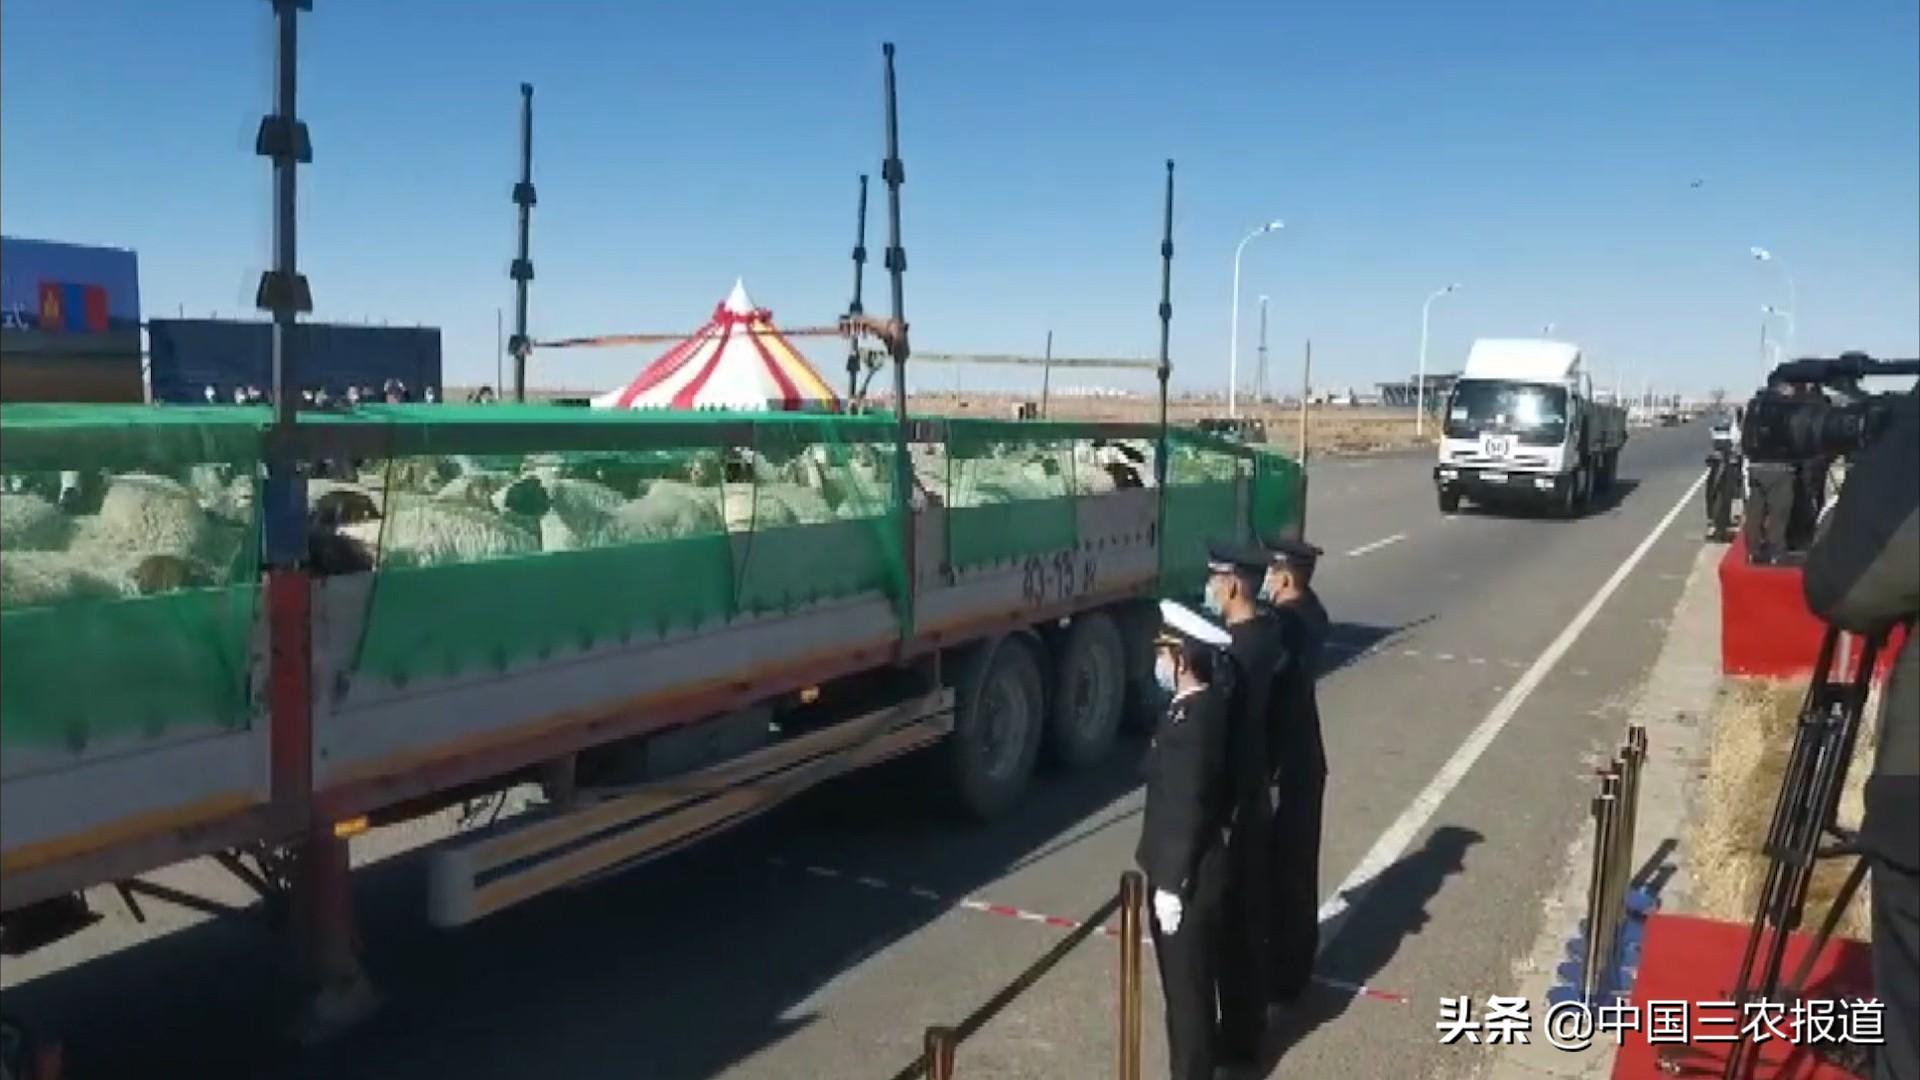 总价值3000万!来了!它们来了!蒙古国捐赠3万只羊首批4000只今日到达二连浩特